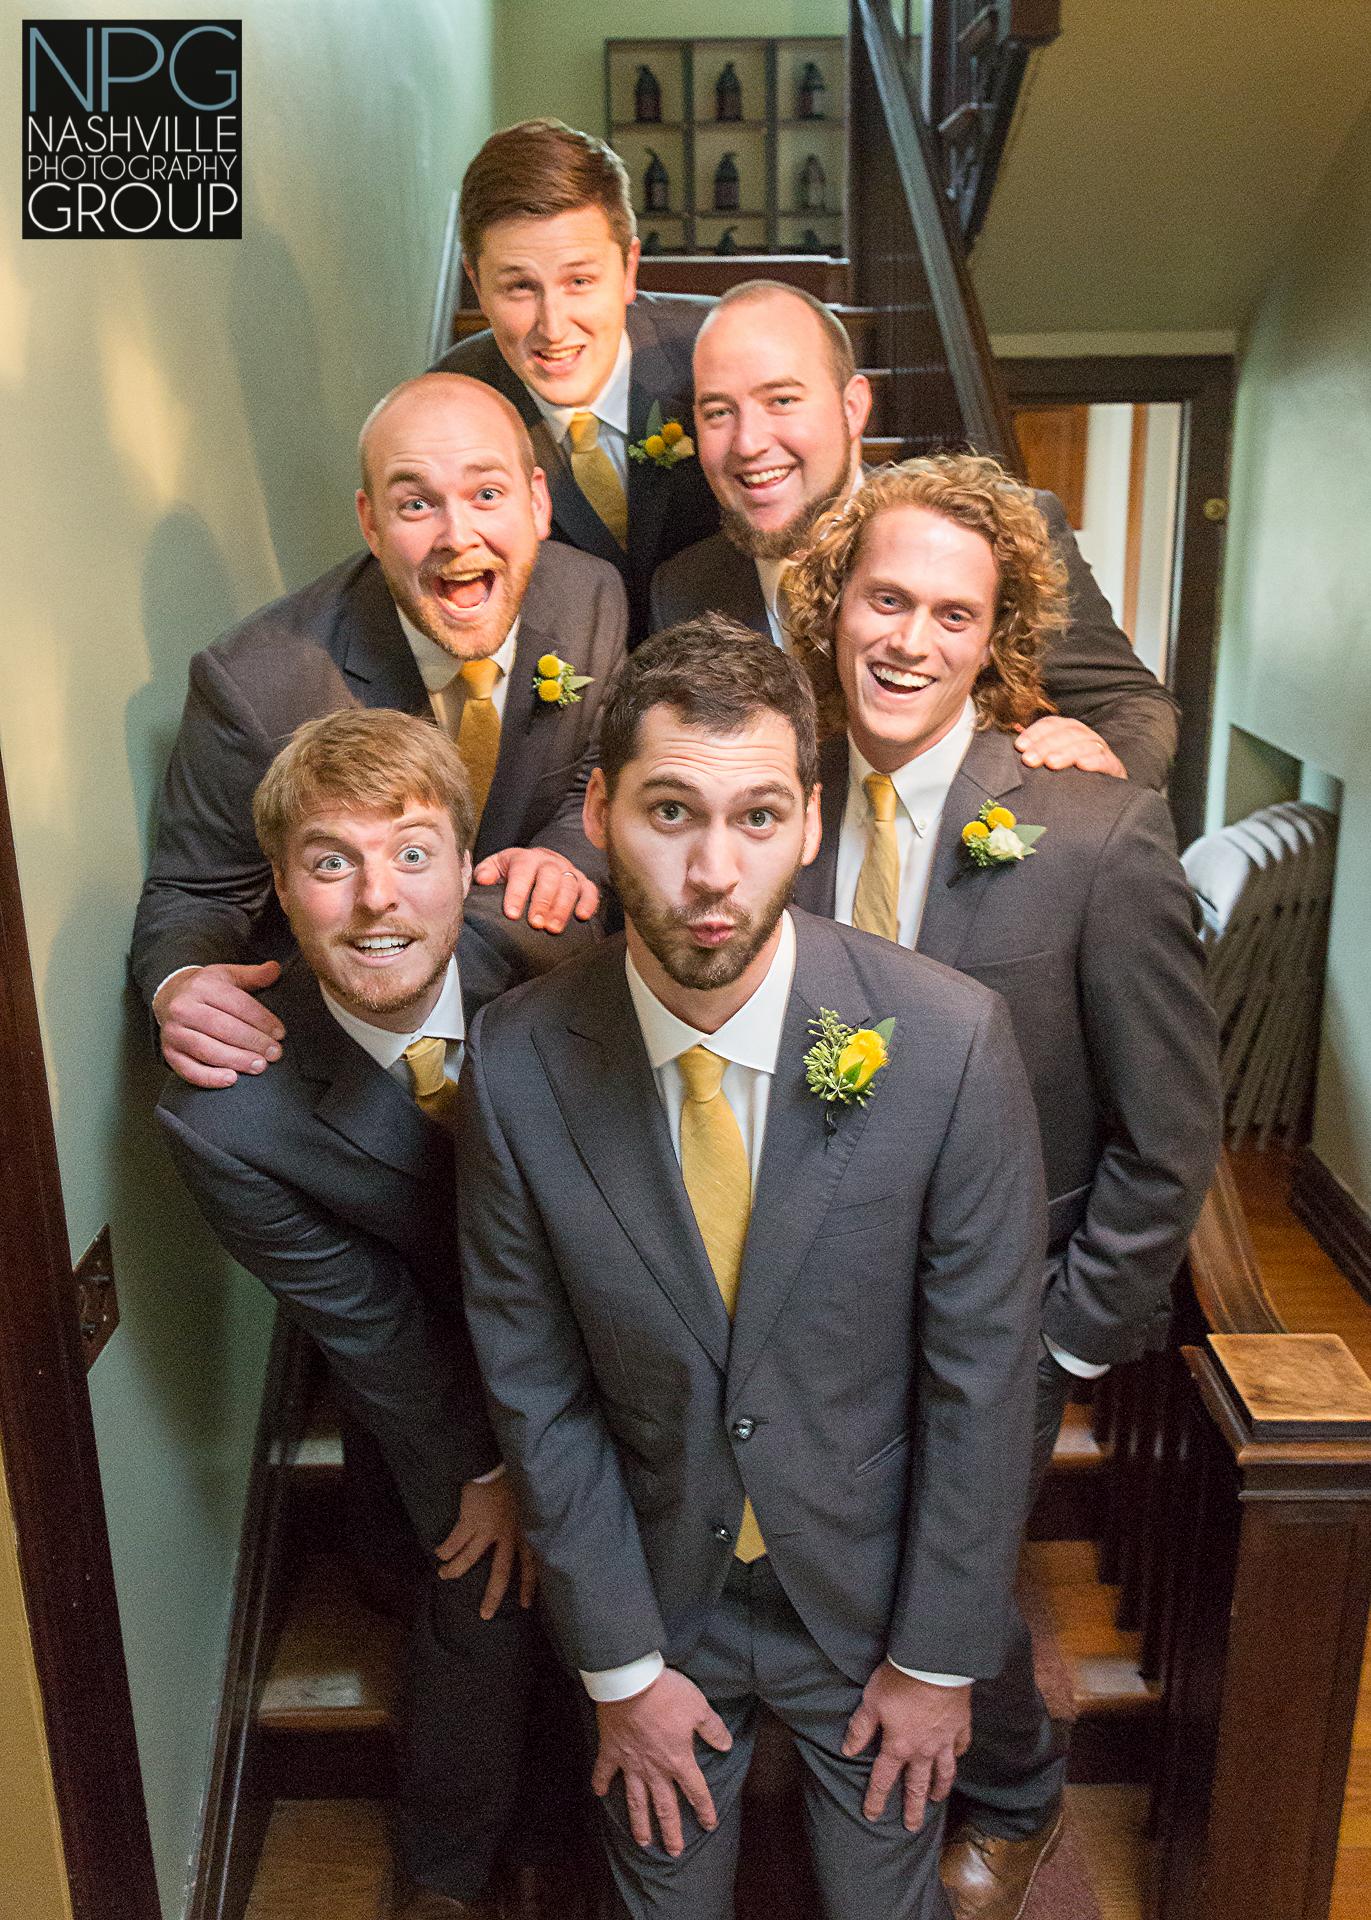 Nashville Photography Group wedding photographers1-13.jpg